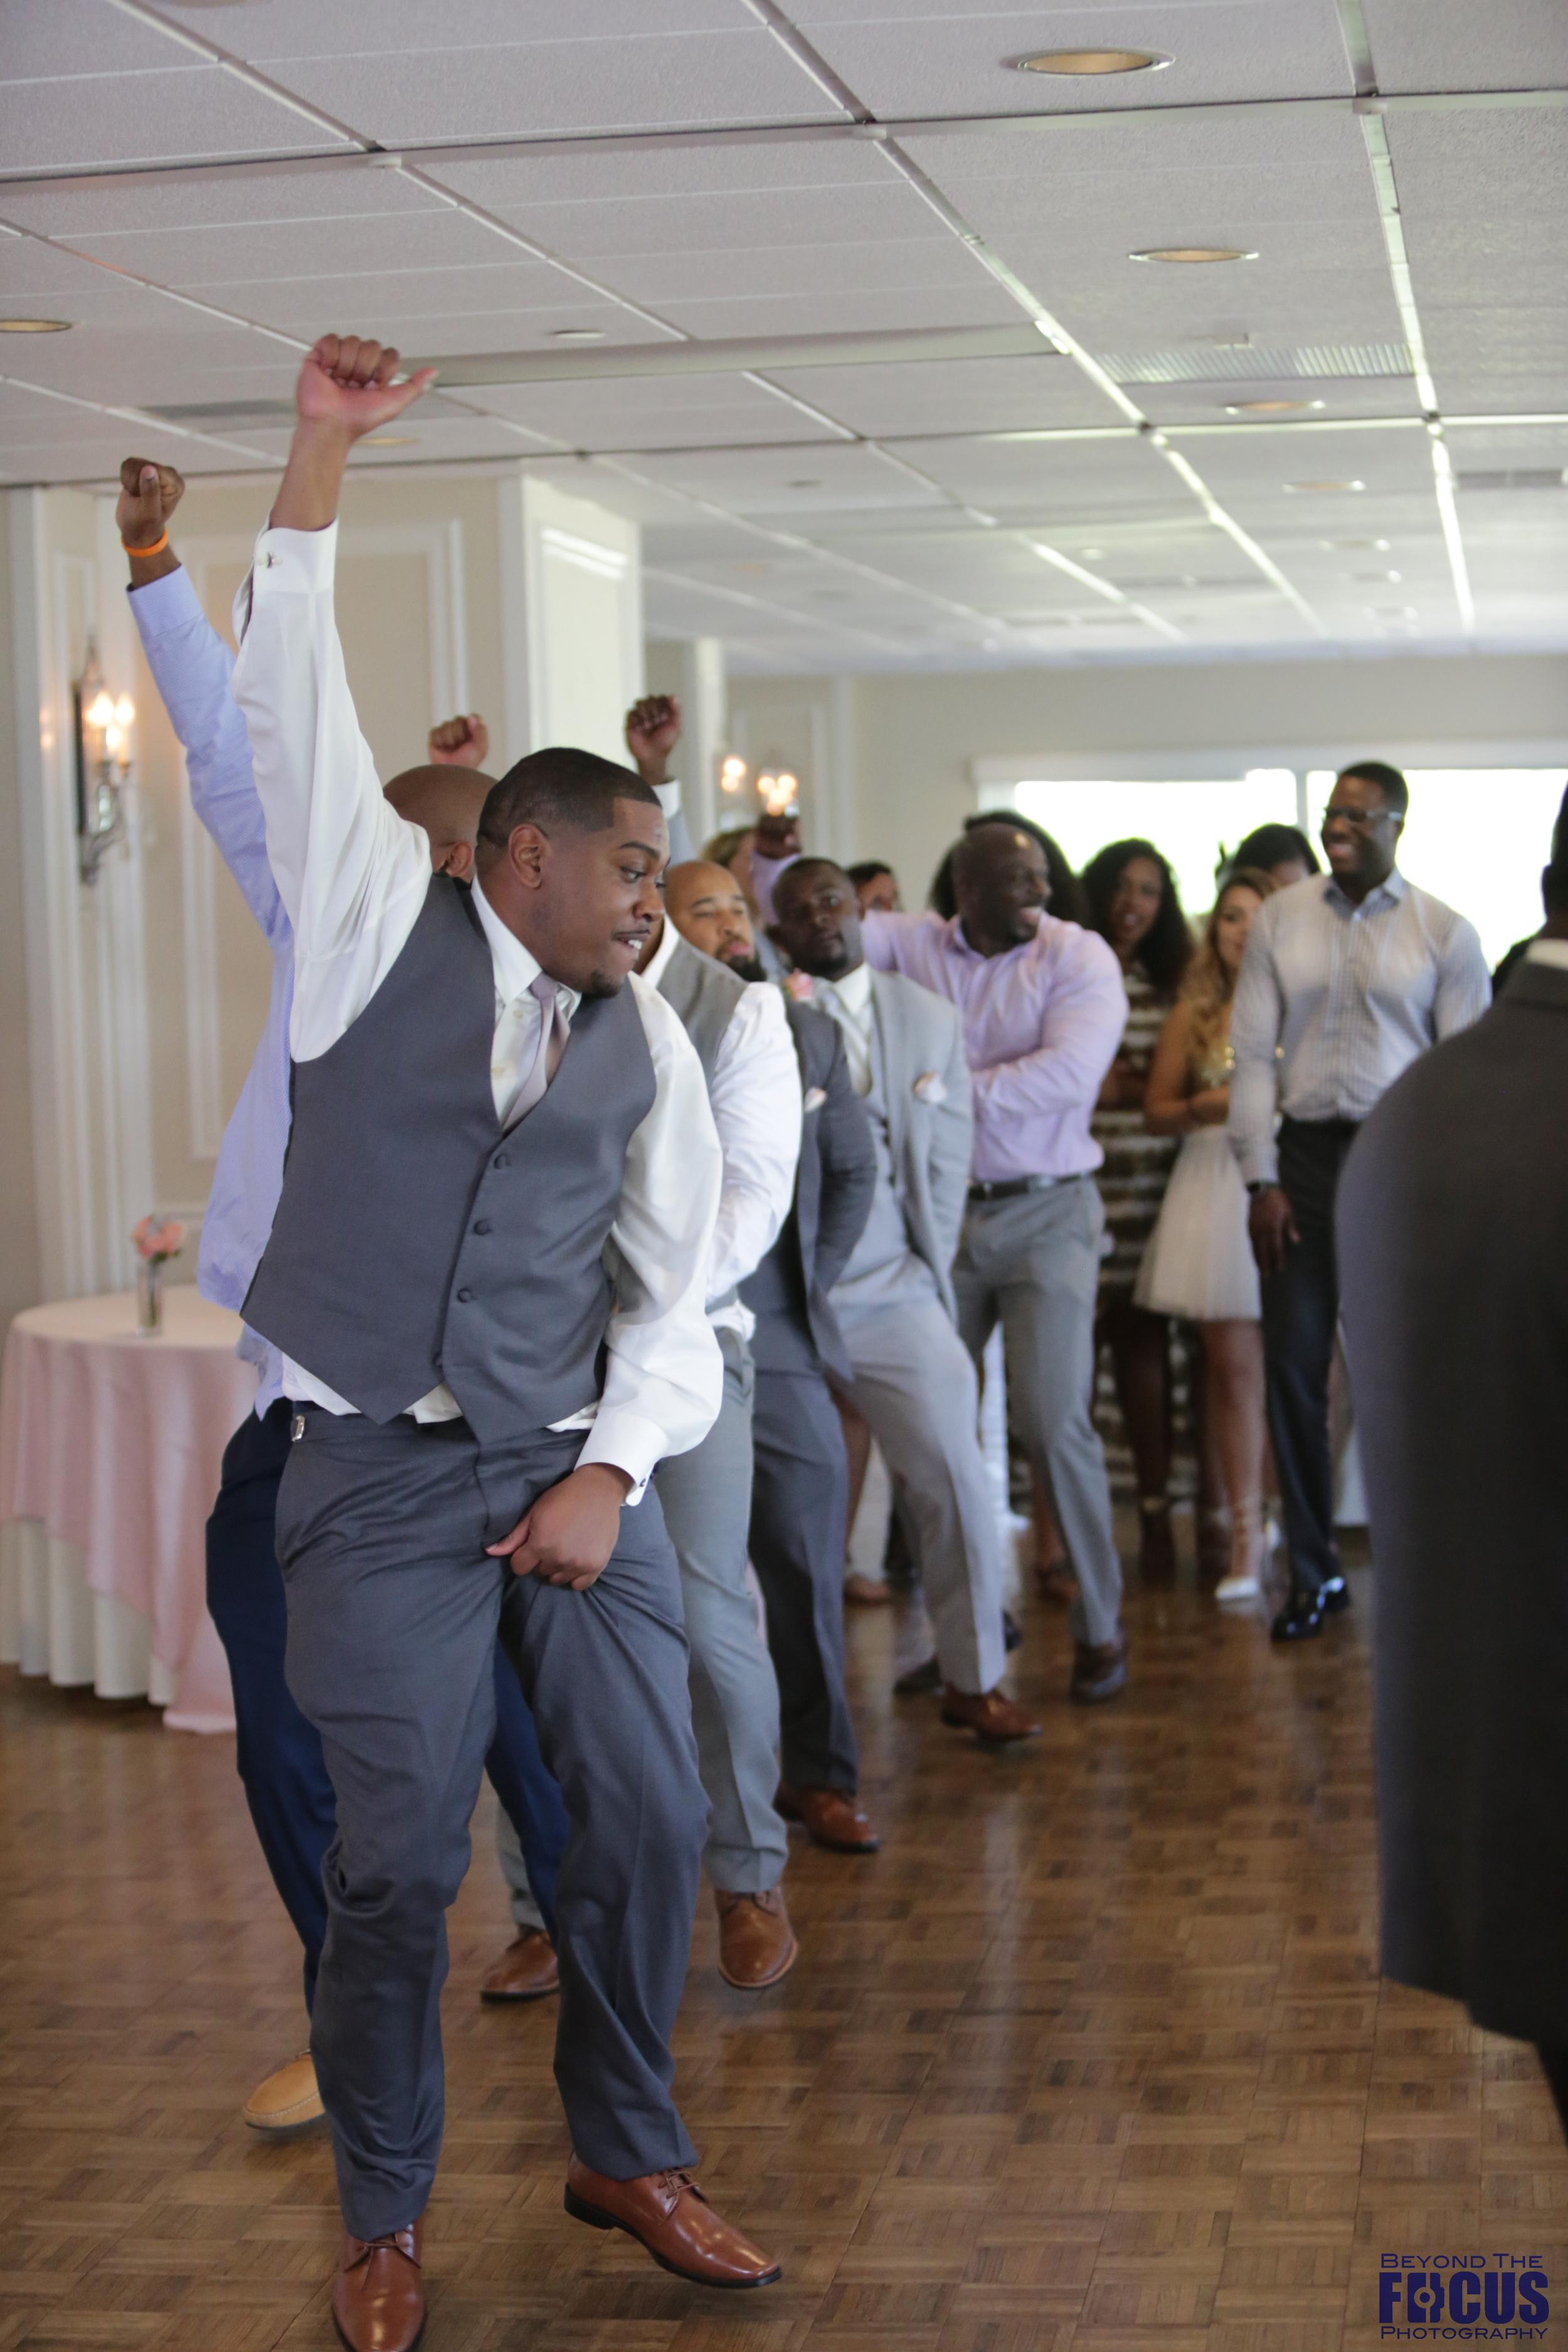 Palmer Wedding - Reception 213.jpg